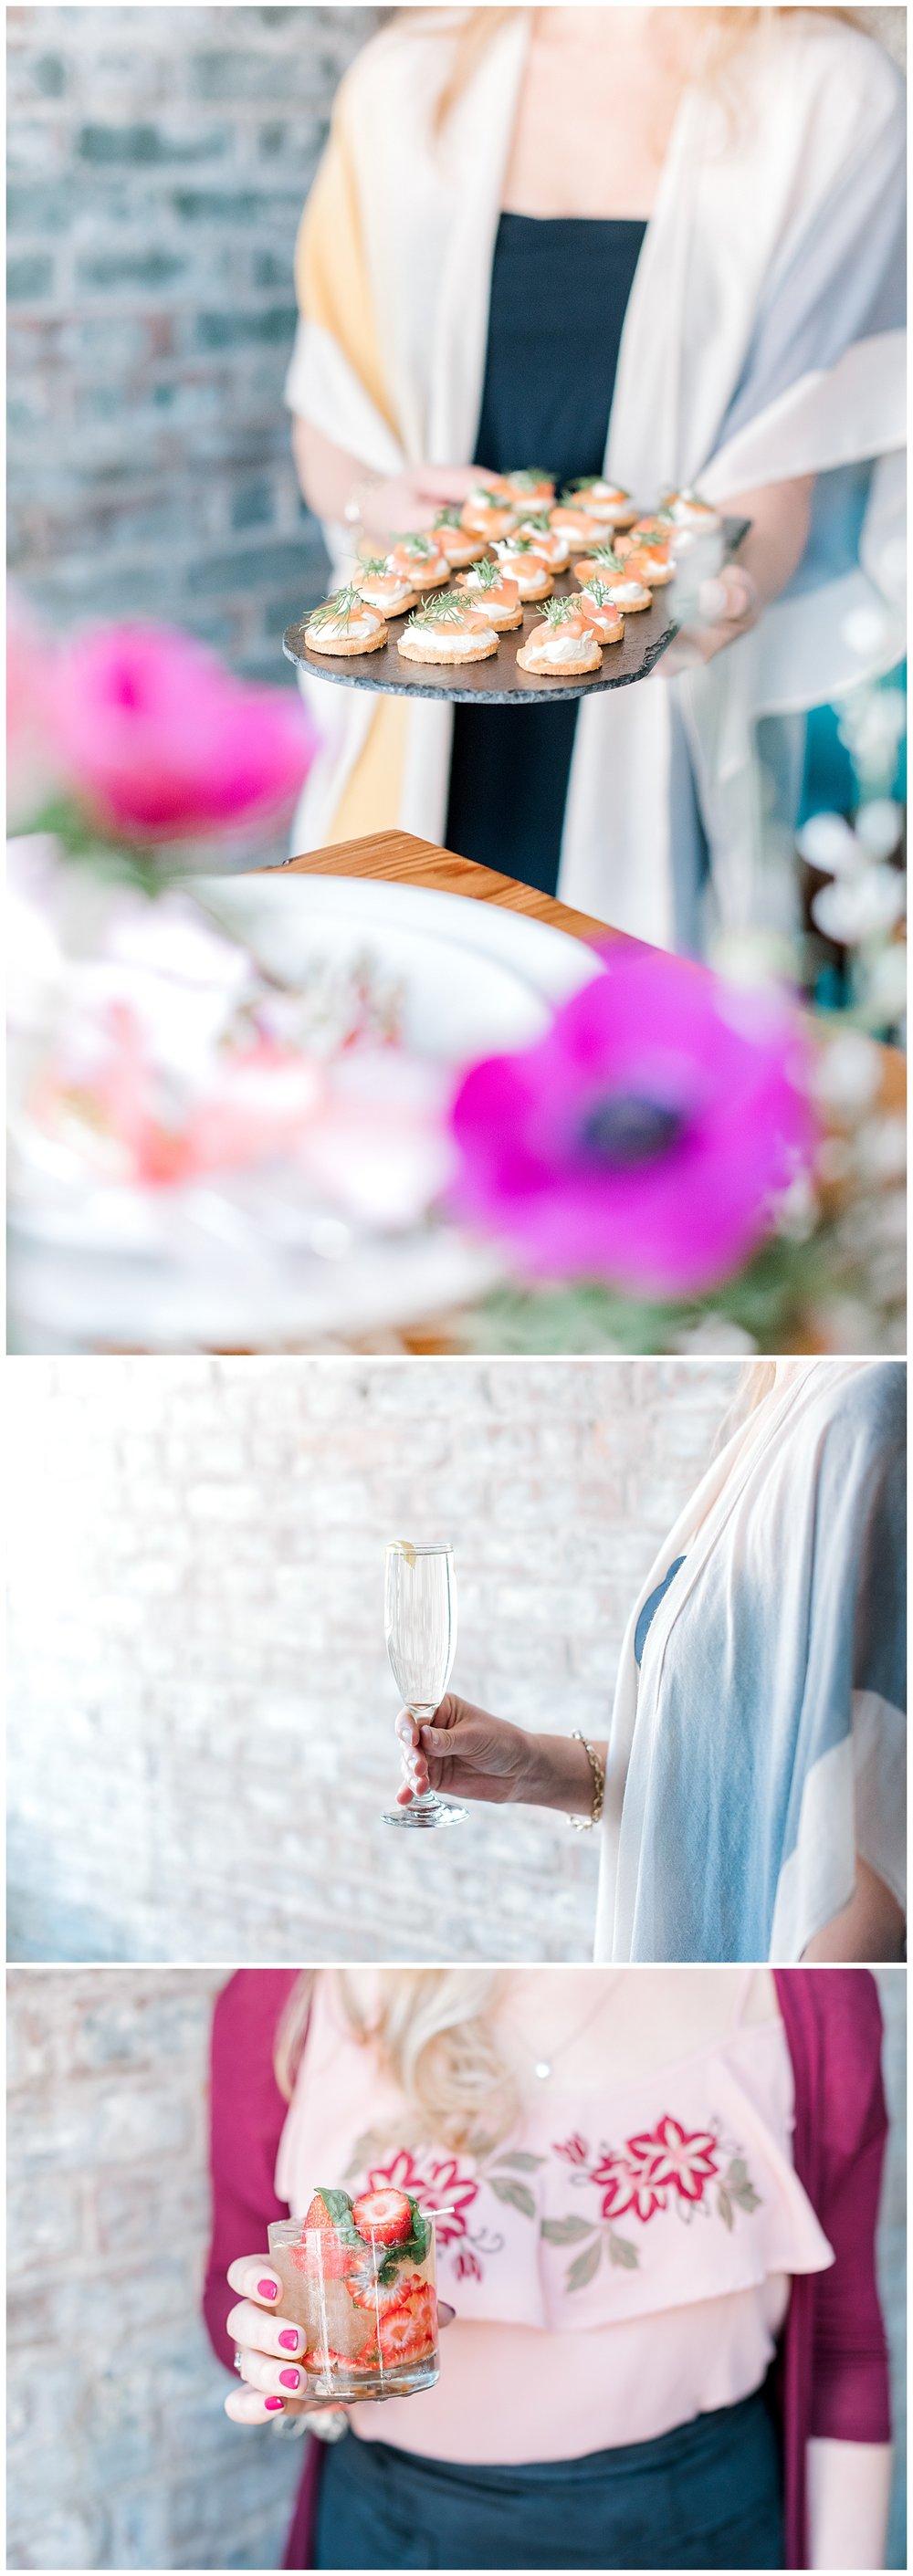 feburary12-halfshell-newport-bridal-shower-photography-12.jpg